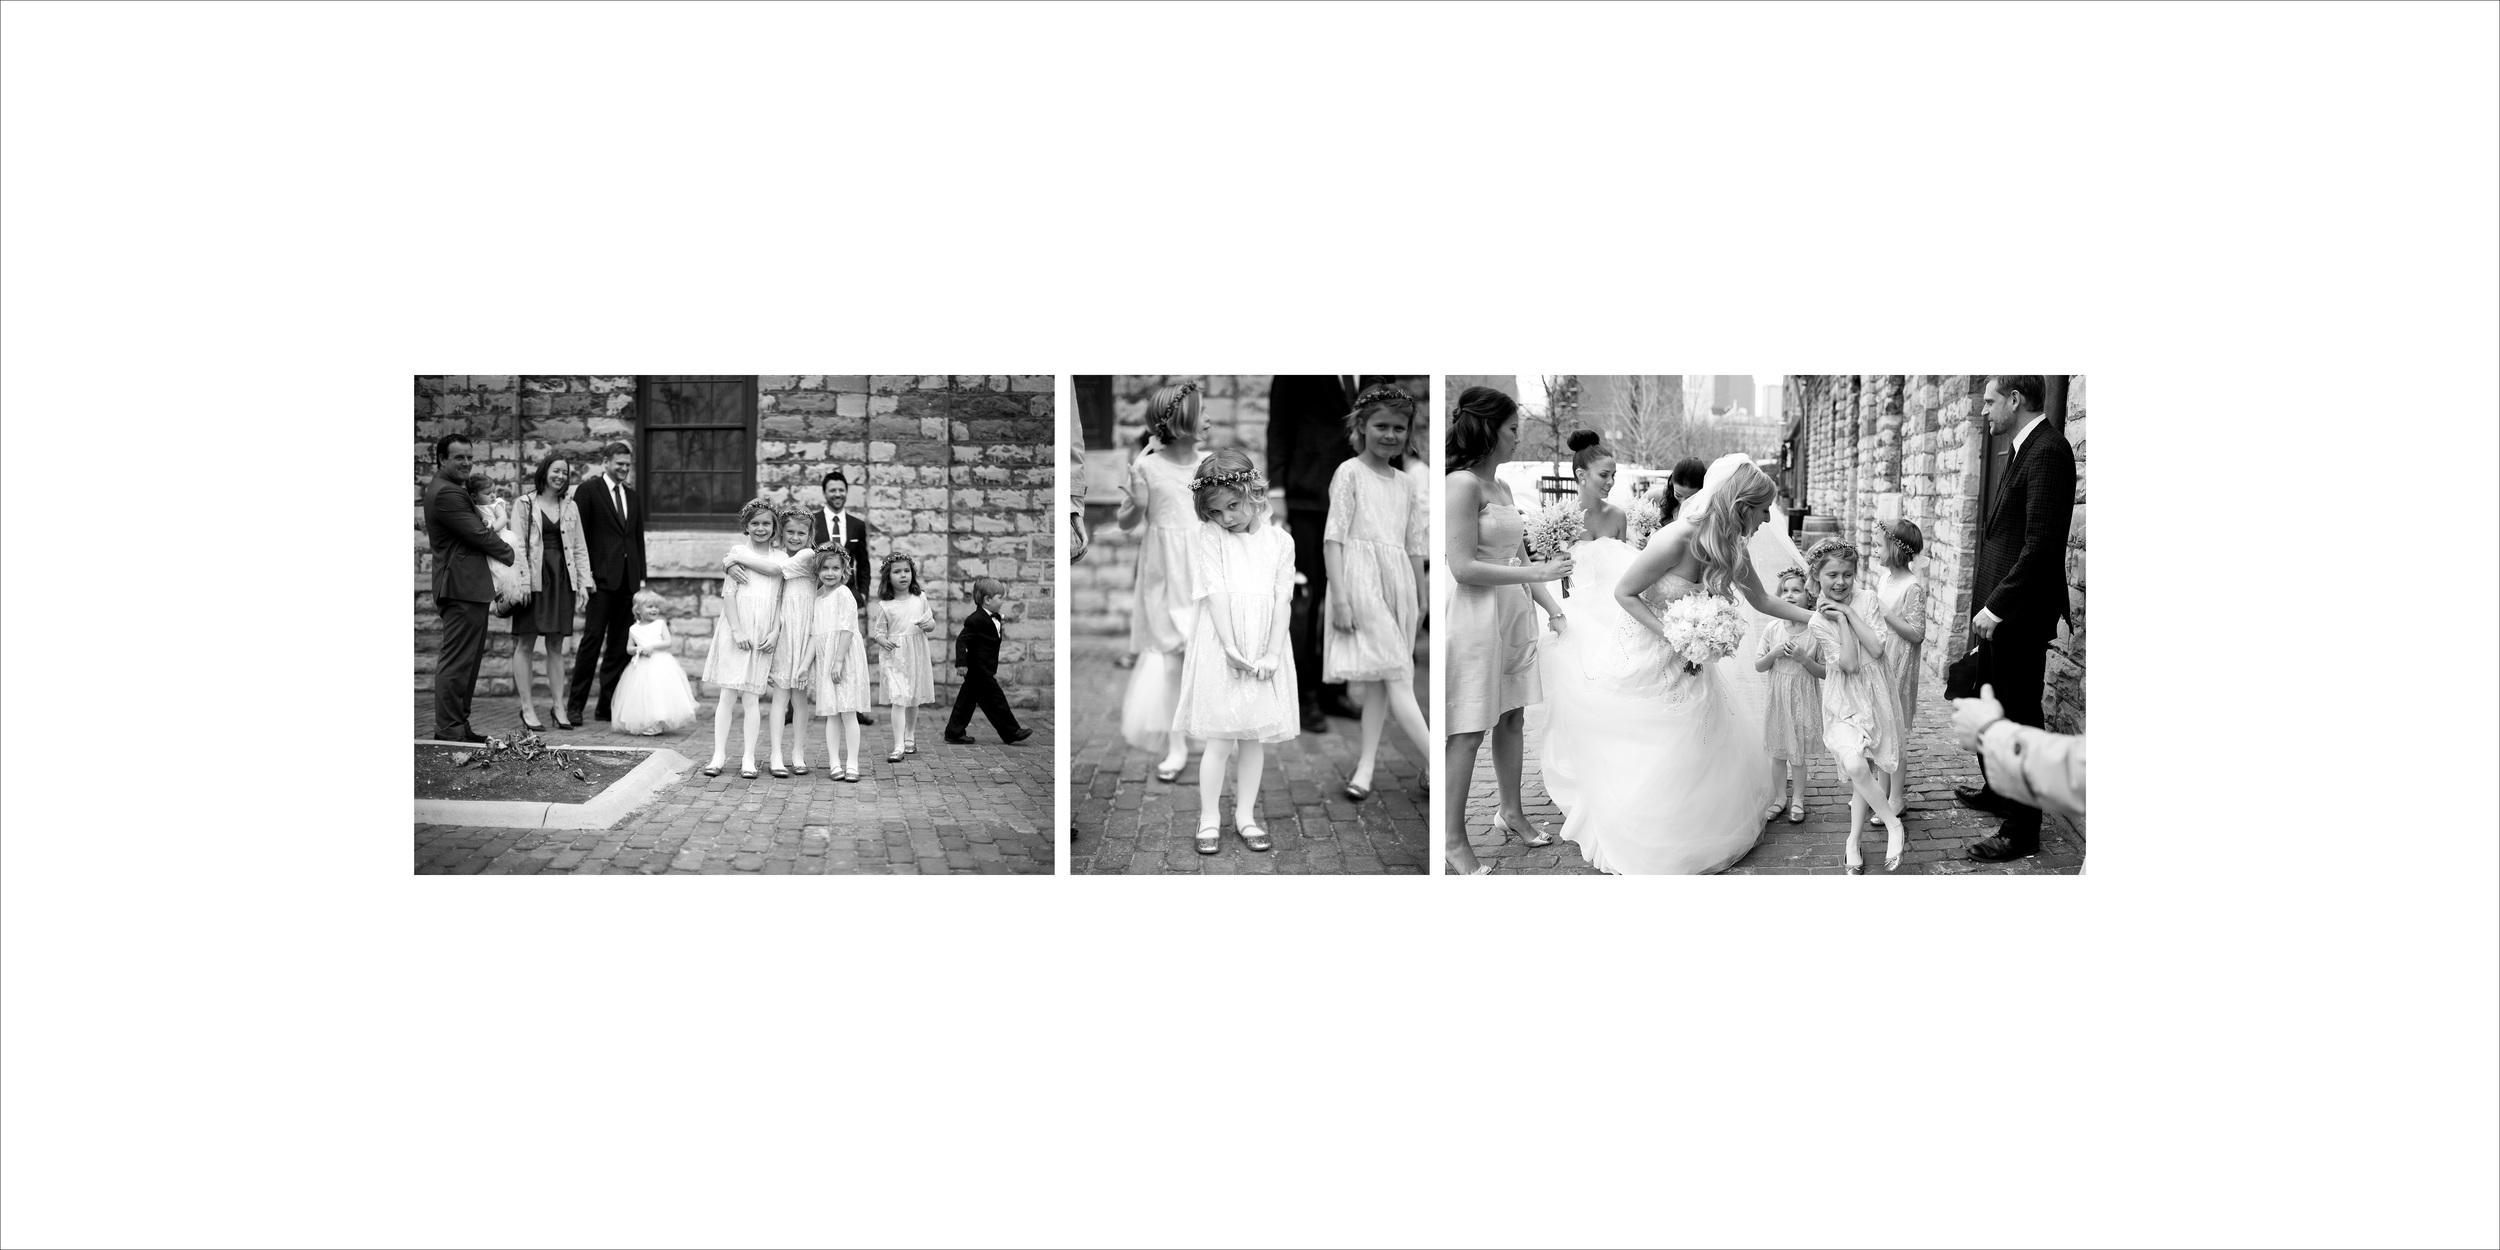 fermenting-cellar-wedding_13.JPG